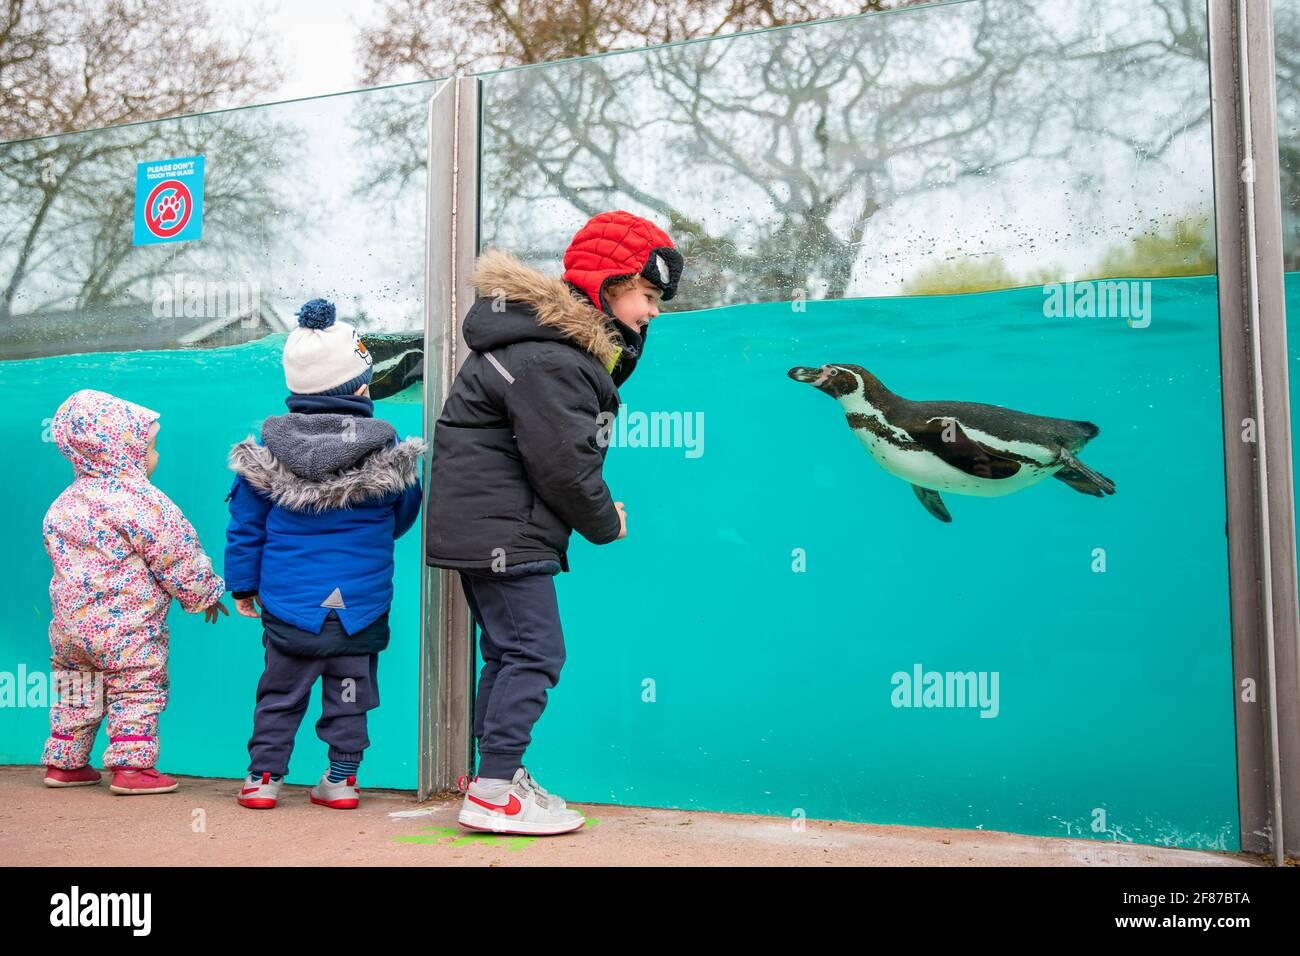 Les enfants visitent les pingouins au zoo de Londres à Regent's Park, Londres, tandis que l'Angleterre repart vers la normalité avec l'assouplissement supplémentaire des restrictions de verrouillage. Date de la photo: Lundi 12 avril 2021. Banque D'Images